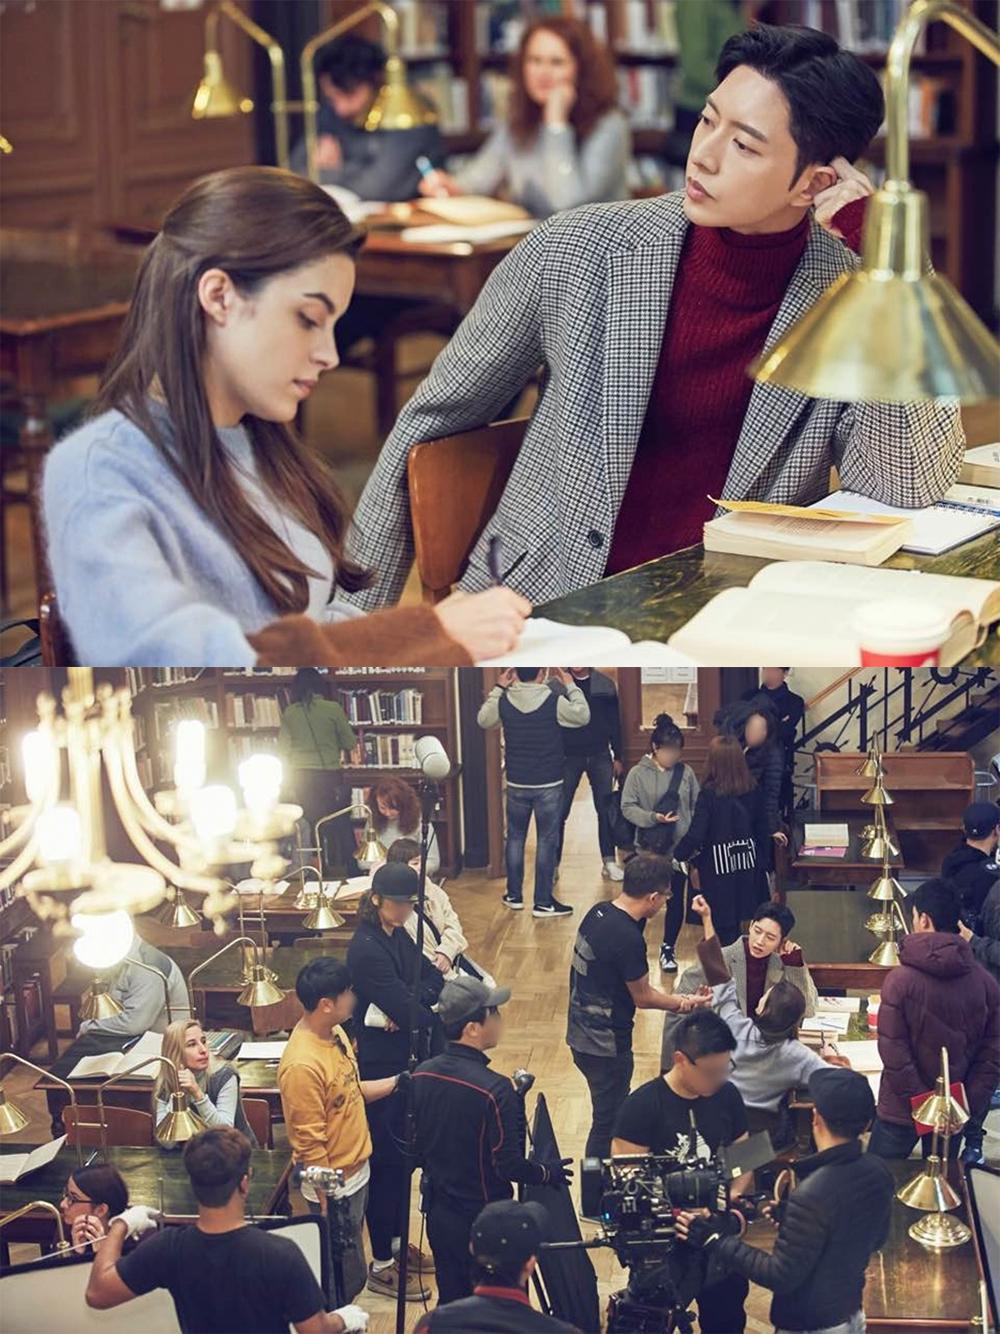 《Man to Man》遠赴匈牙利取景20多日,朴海鎮笑在國外拍戲有工作時間,比在韓國拍攝輕鬆許多。(網路圖片)